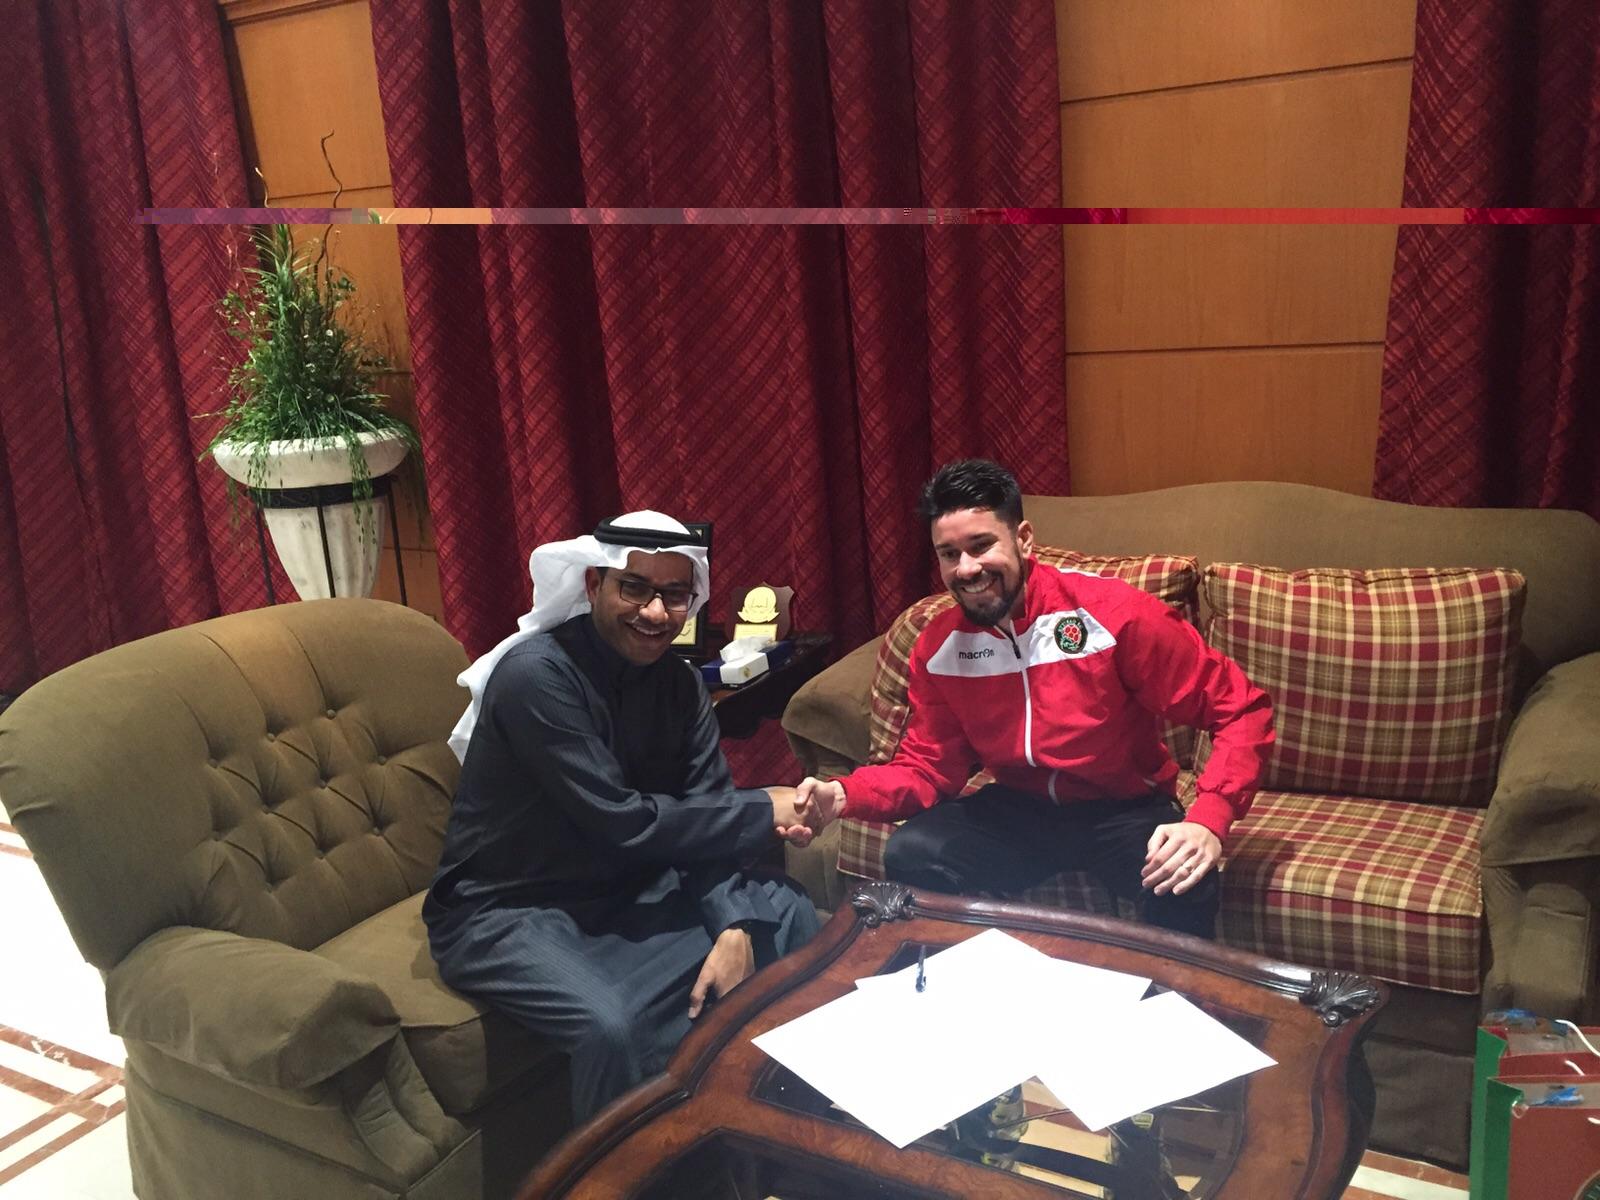 No final de 2015, Ricardinho se transferiu para a Arábia Saudita. Foto:Eduardo Madeira/Arquivo Pessoal